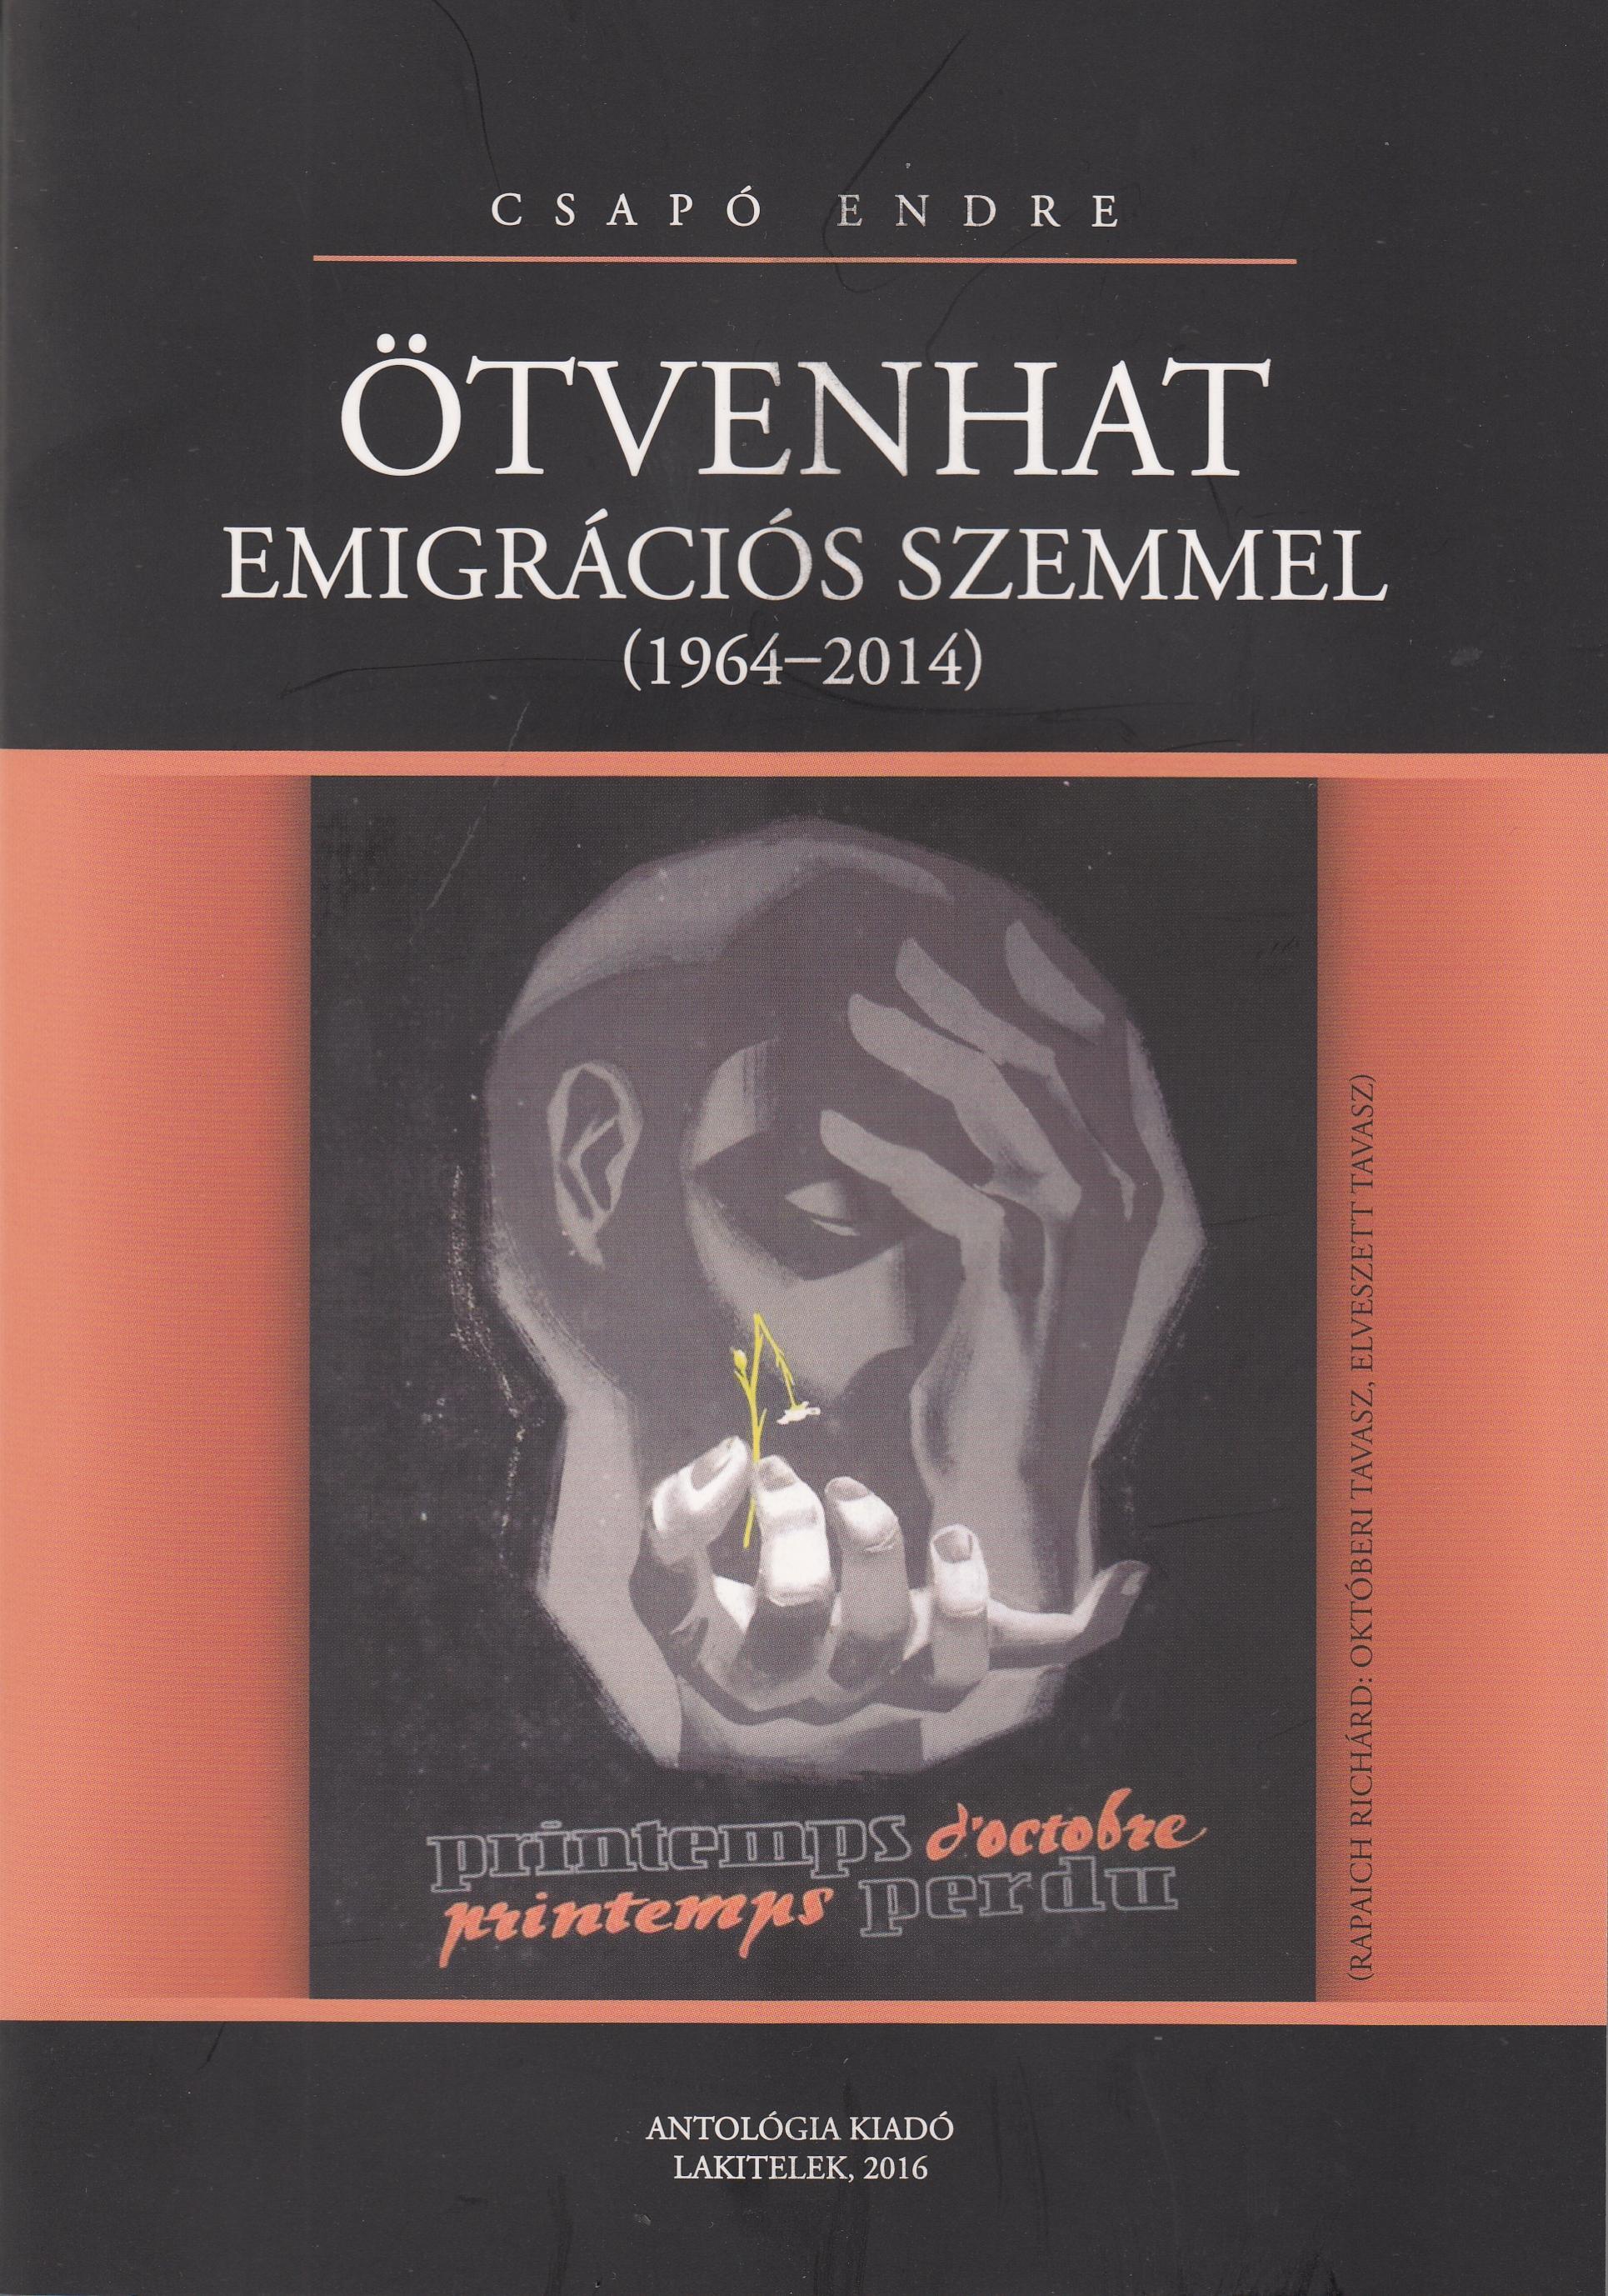 ÖTVENHAT EMIGRÁCIÓS SZEMMEL (1964-2014)